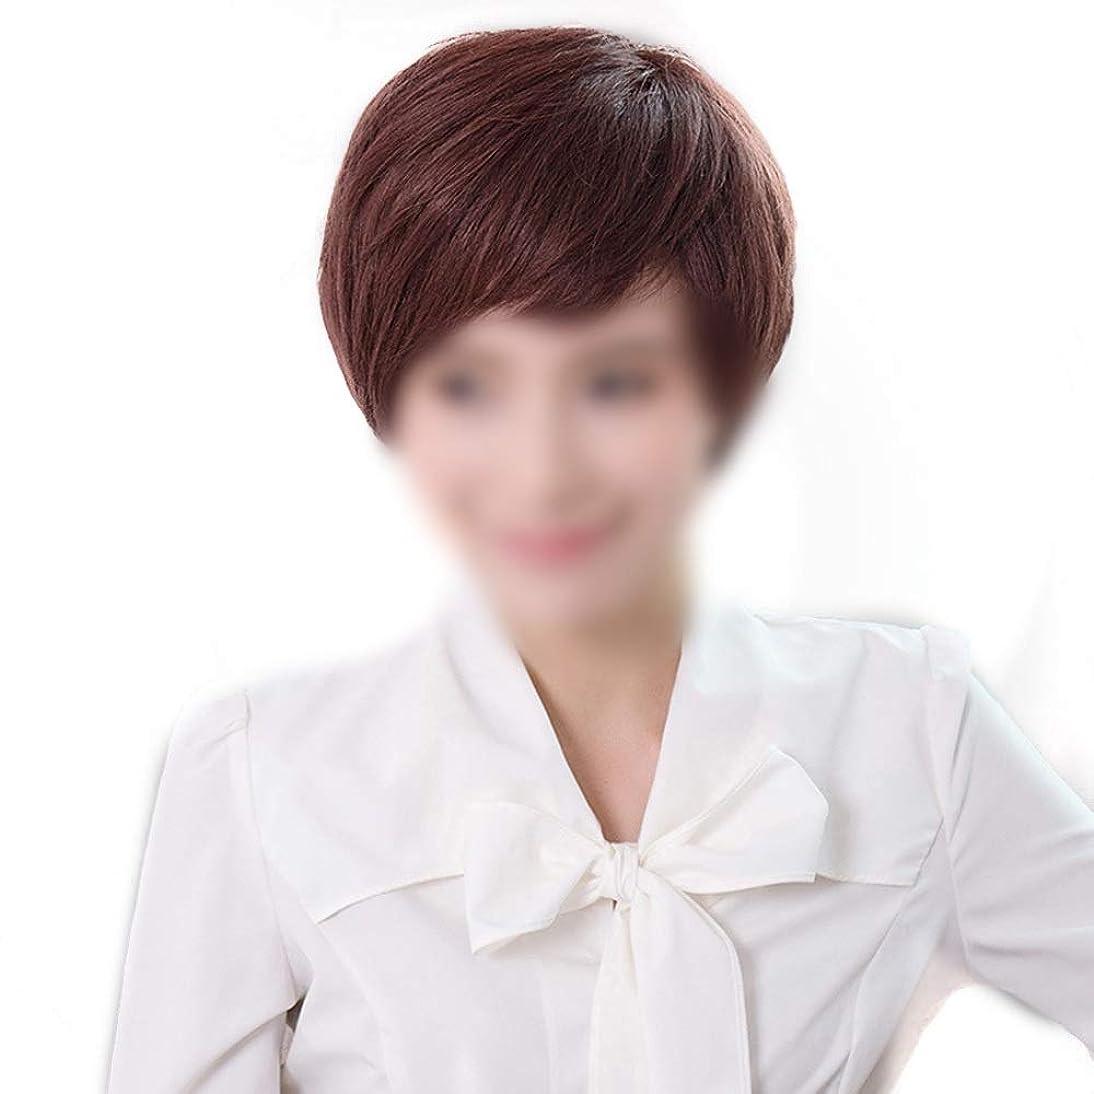 明確なコモランマ卒業記念アルバムBOBIDYEE リアルヘア編み耳ショートカーリーヘアふわふわナチュラルファッションウィッグ女性用デイリードレスパーティーウィッグ (Color : Dark brown, サイズ : Hand-needle)